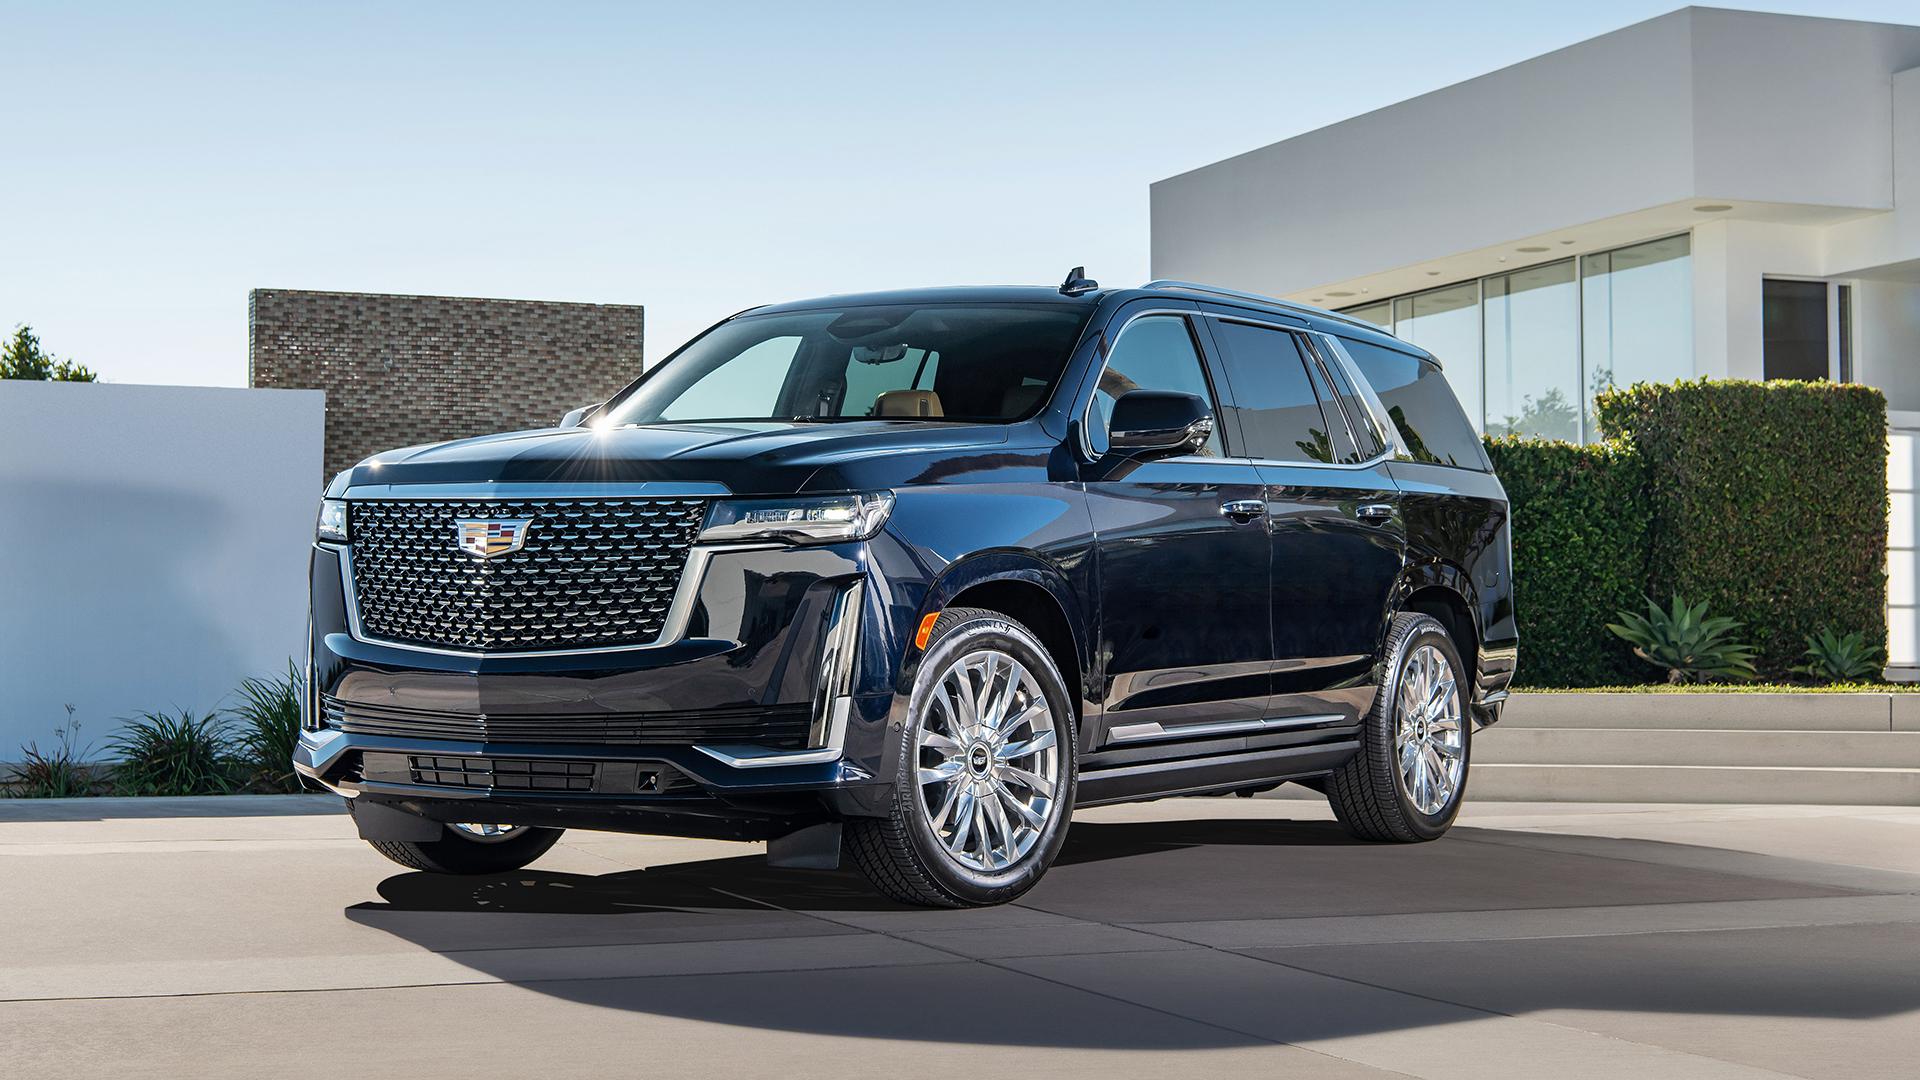 La nueva dimensión de confort y tecnología a bordo de la Nueva Cadillac Escalade 2021